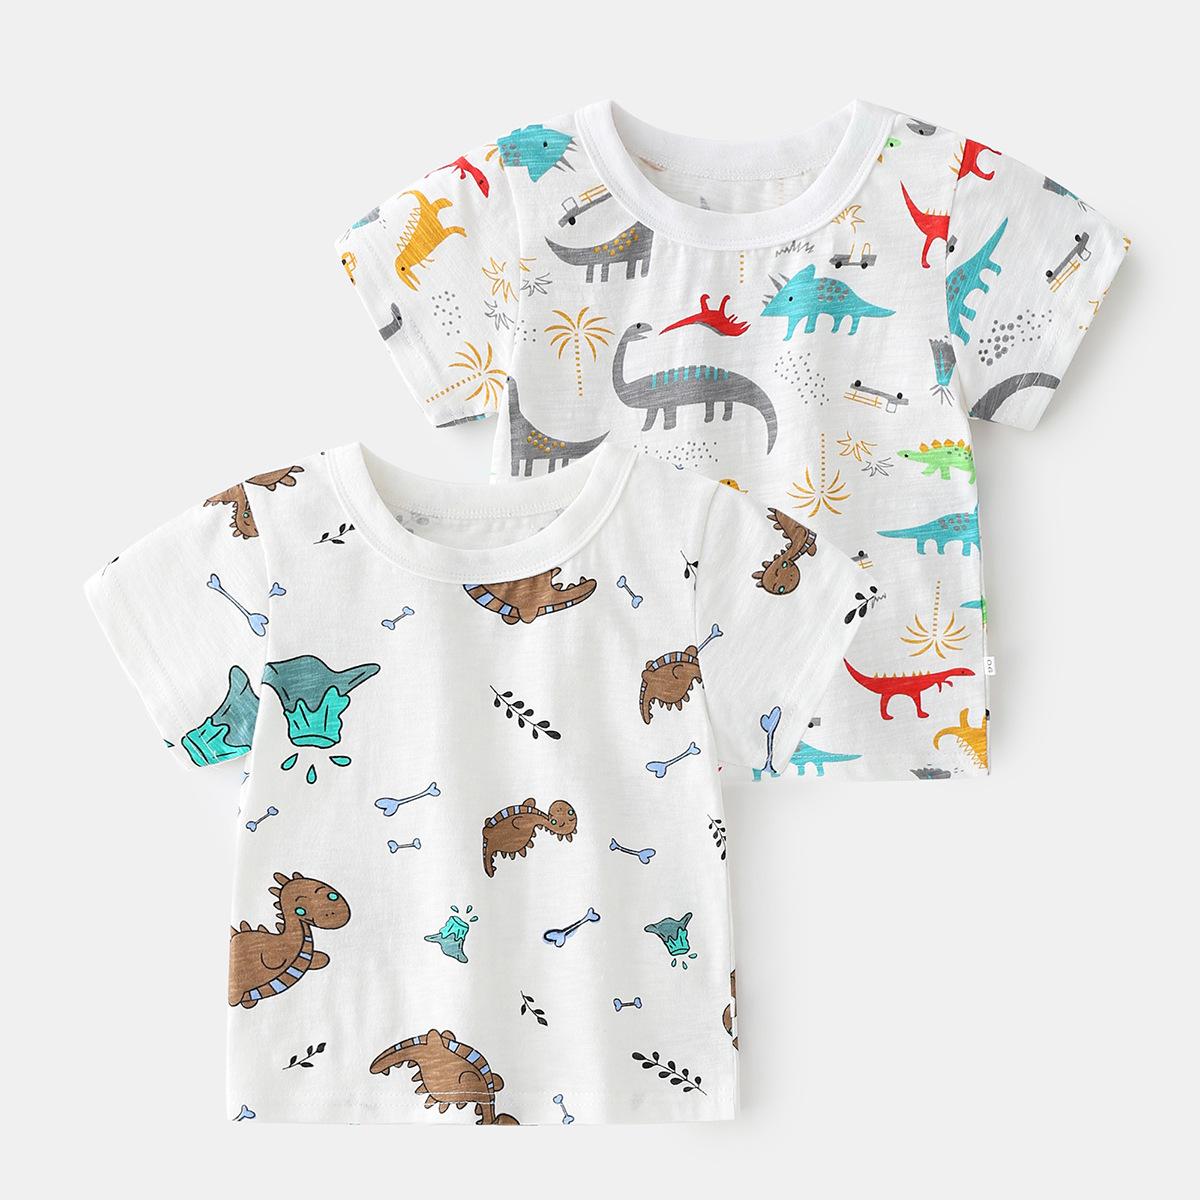 2021夏季韩版新款童装儿童T恤 中小童棉潮款恐龙图案上衣男童短袖